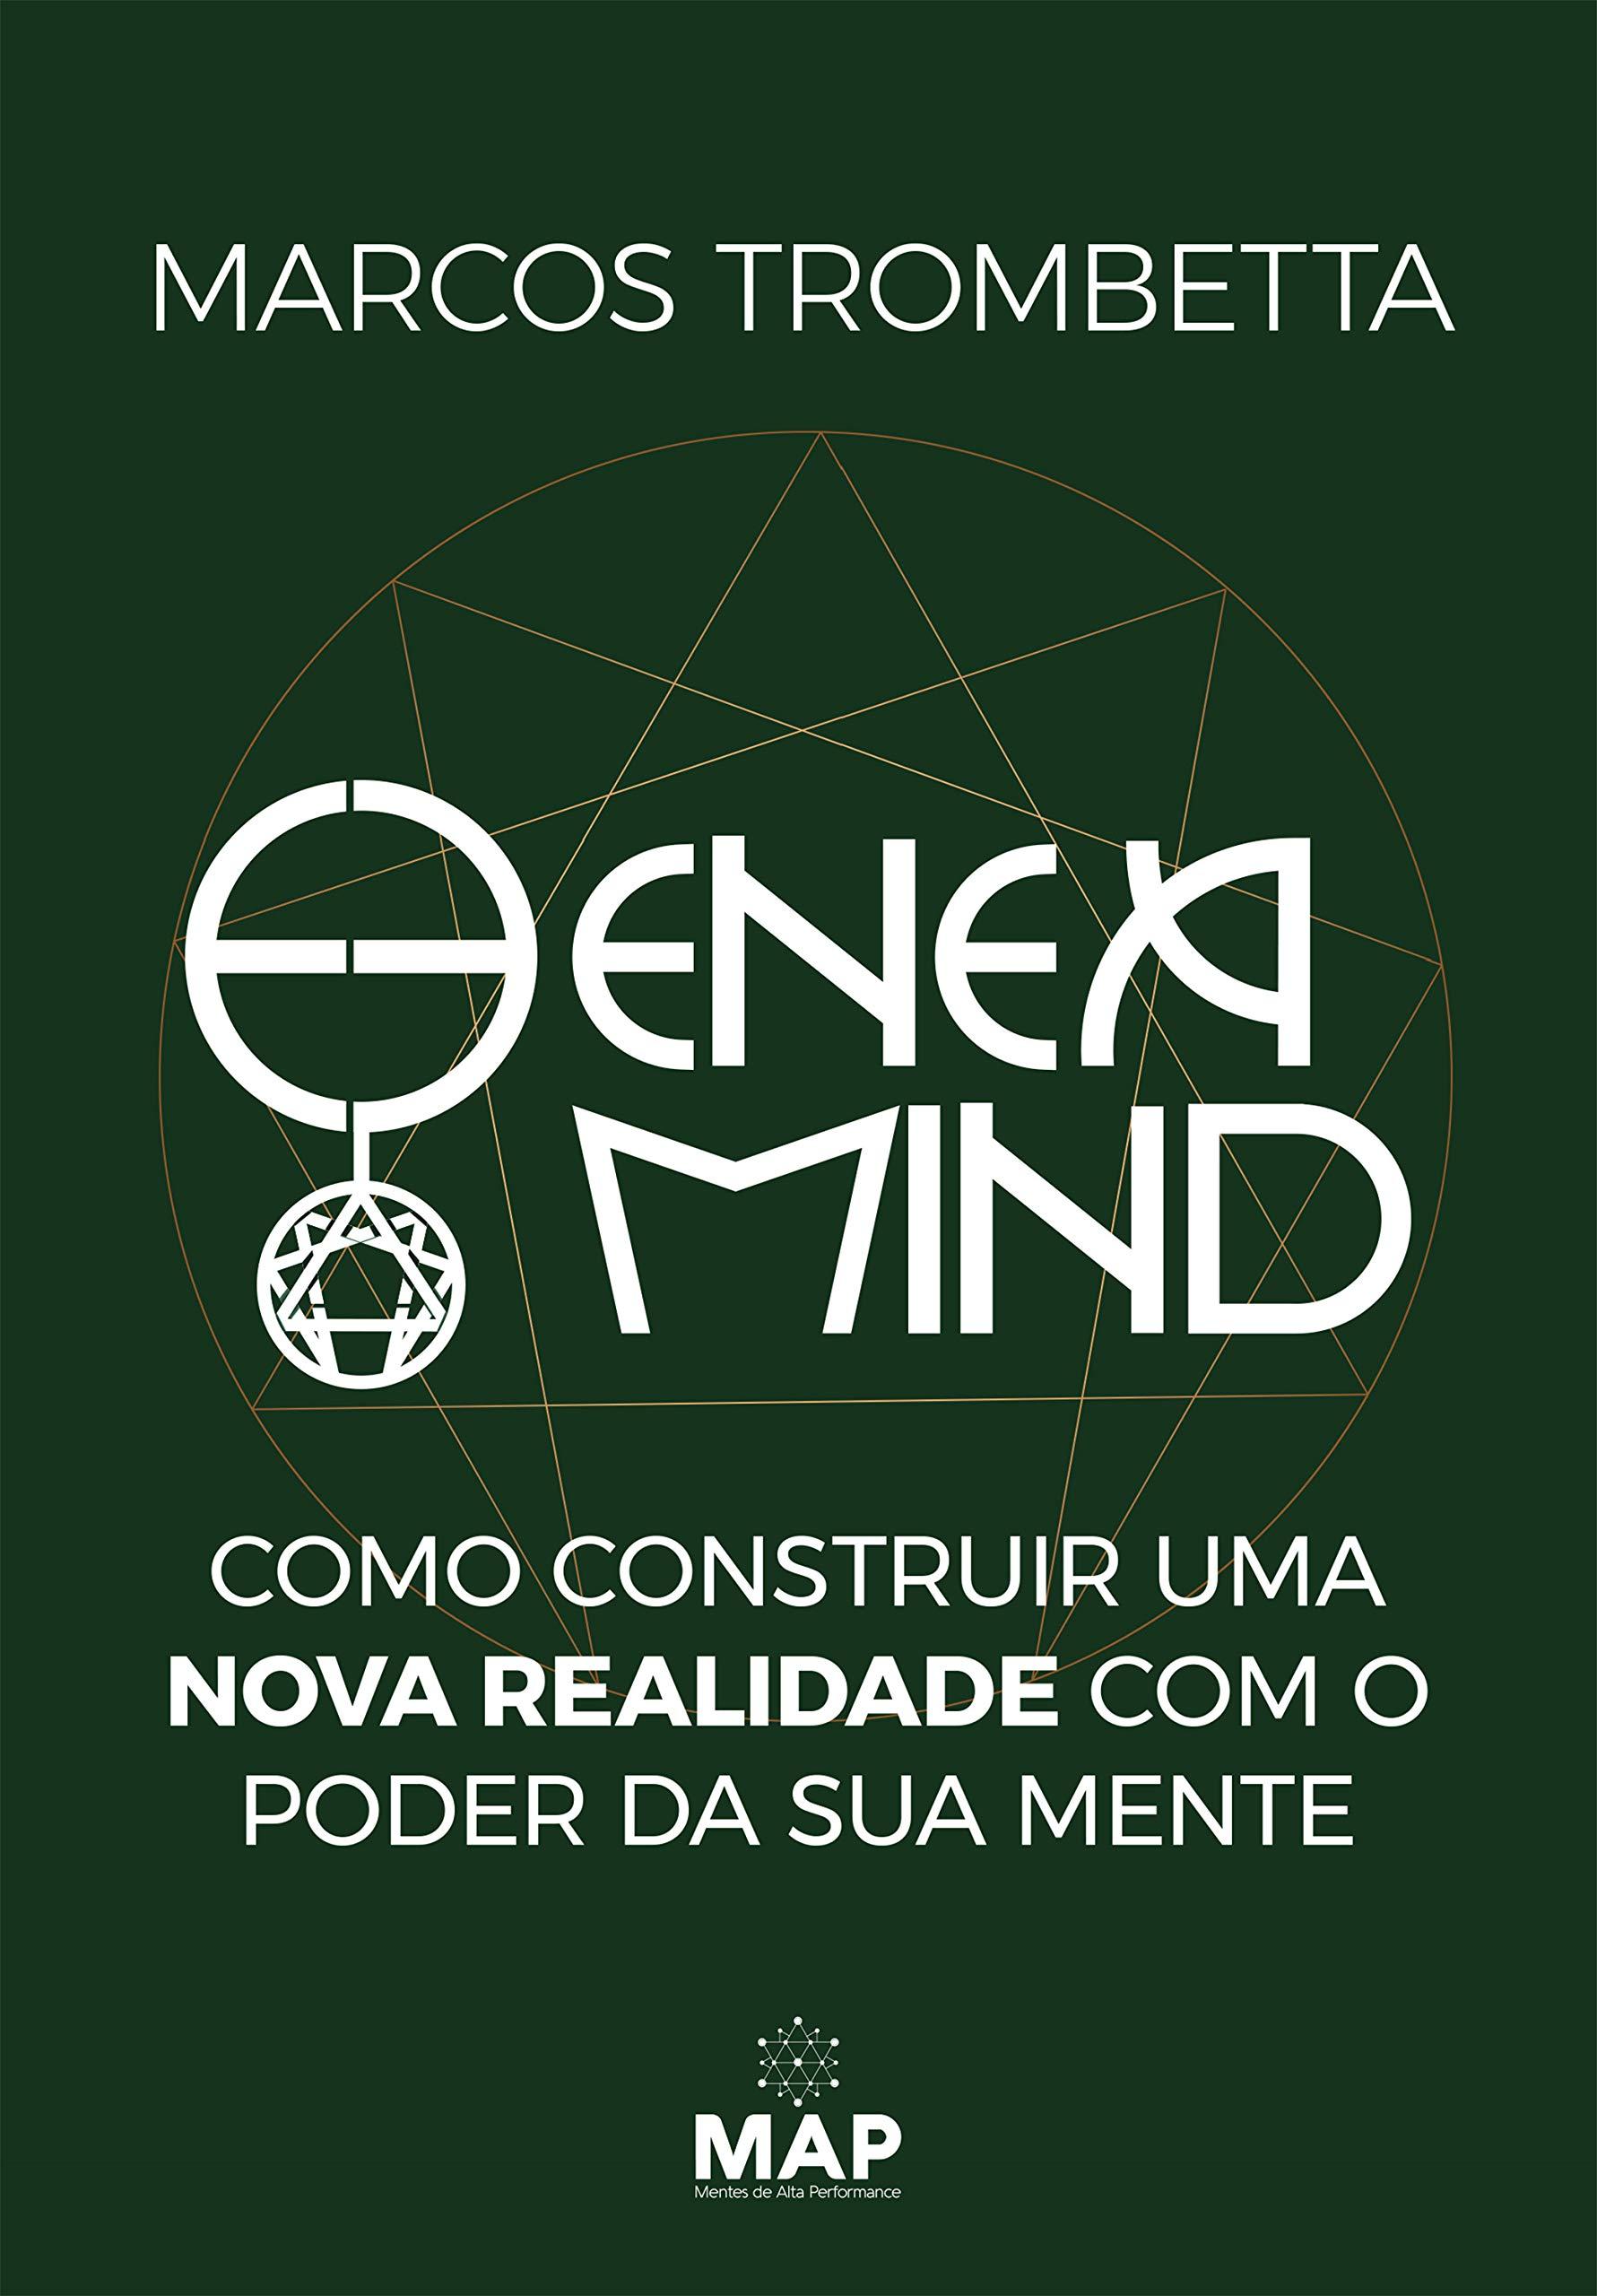 Eneamind: Como construir uma nova realidade com o poder da sua mente (Portuguese Edition)